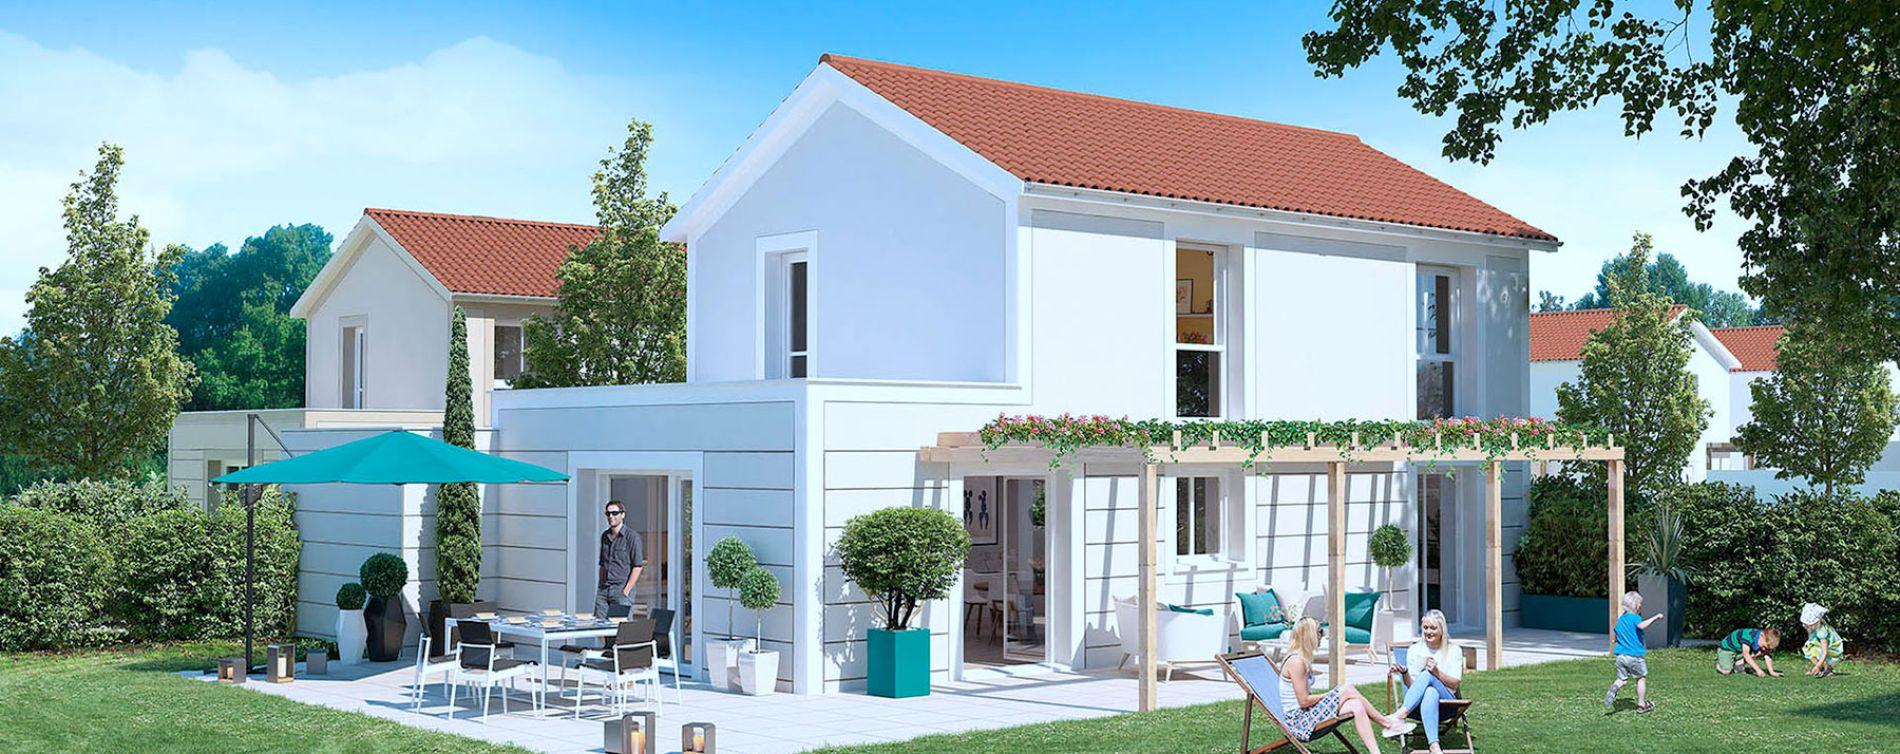 Saint-Priest : programme immobilier neuve « Programme immobilier n°215732 »